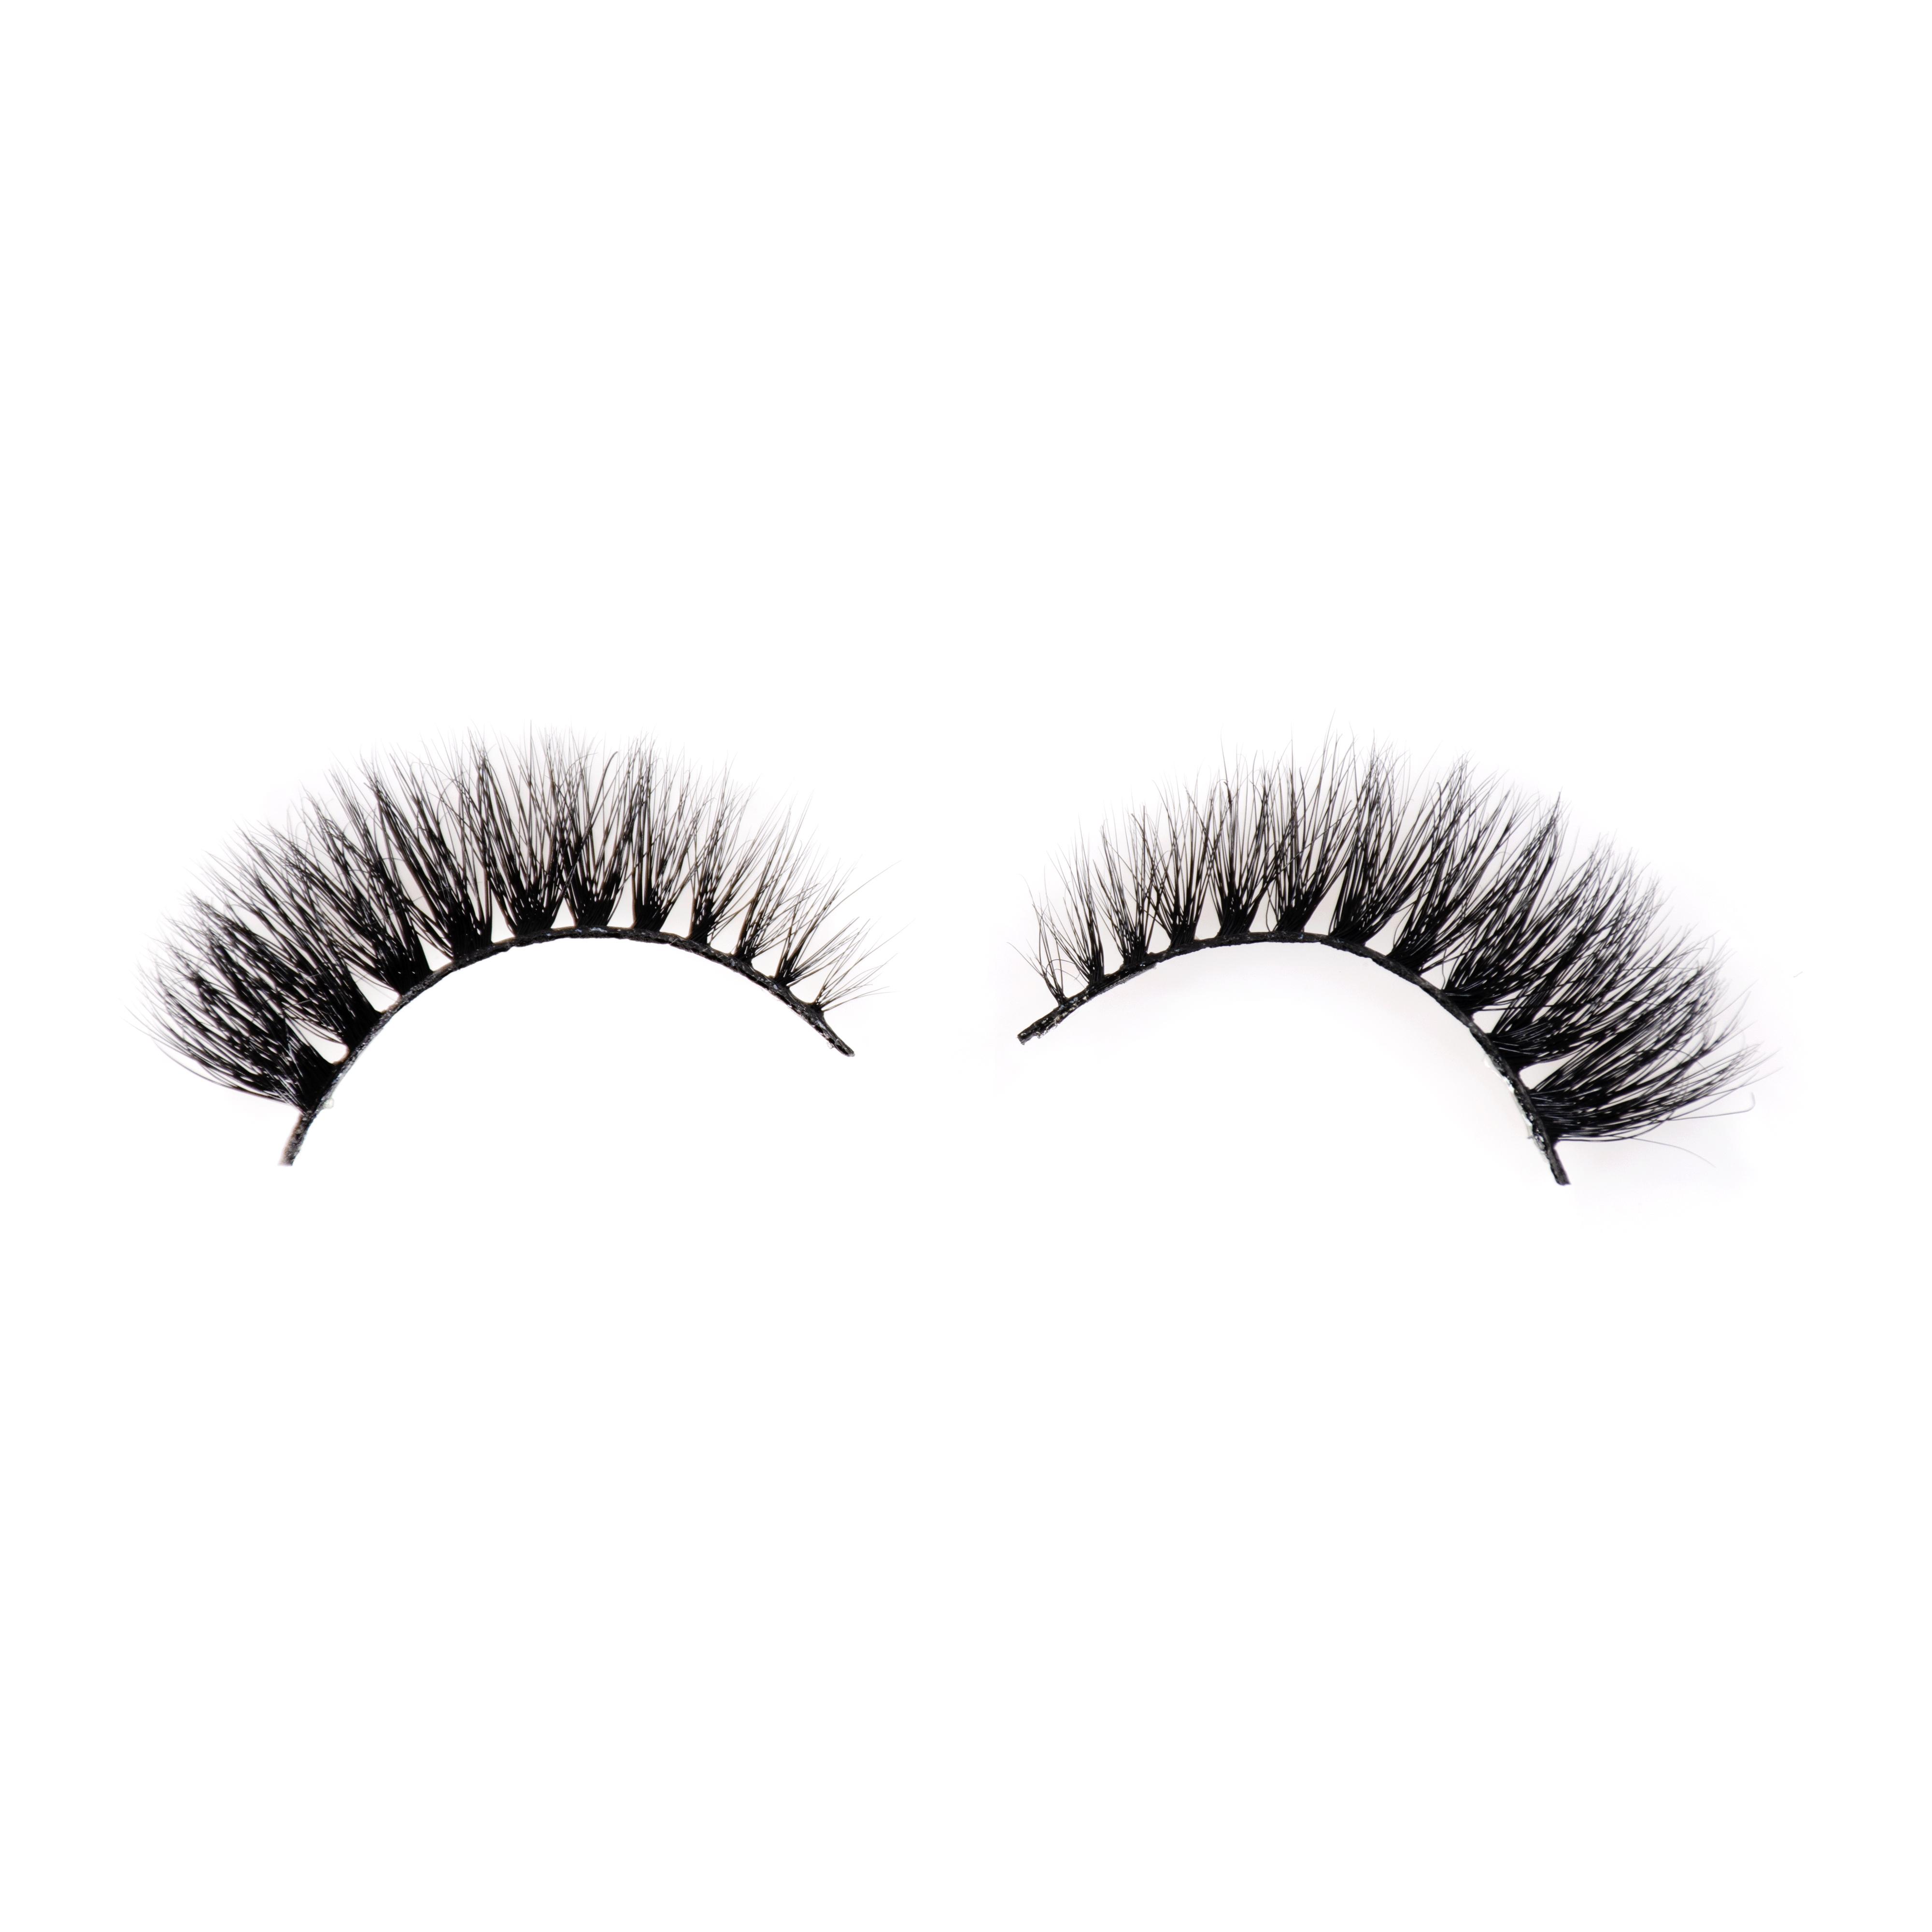 4a27c1b66cc Wholesale 100 3D Mink Fur False Eyelash Extensions Own Brand Private Logo